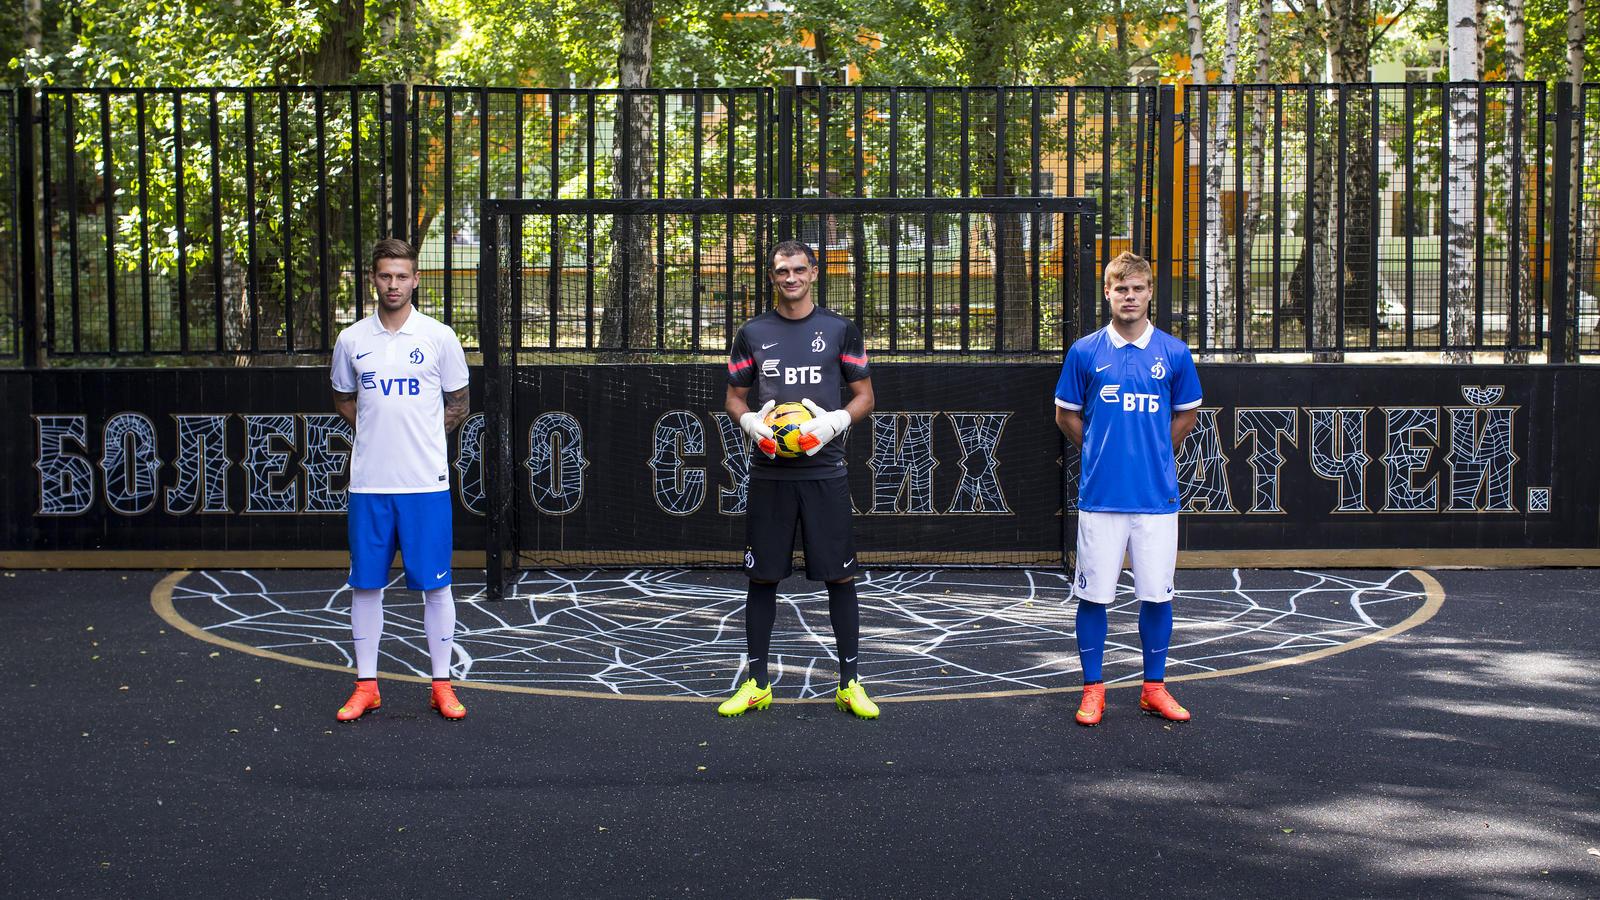 Nike_Dynamo_kit_presentation_1